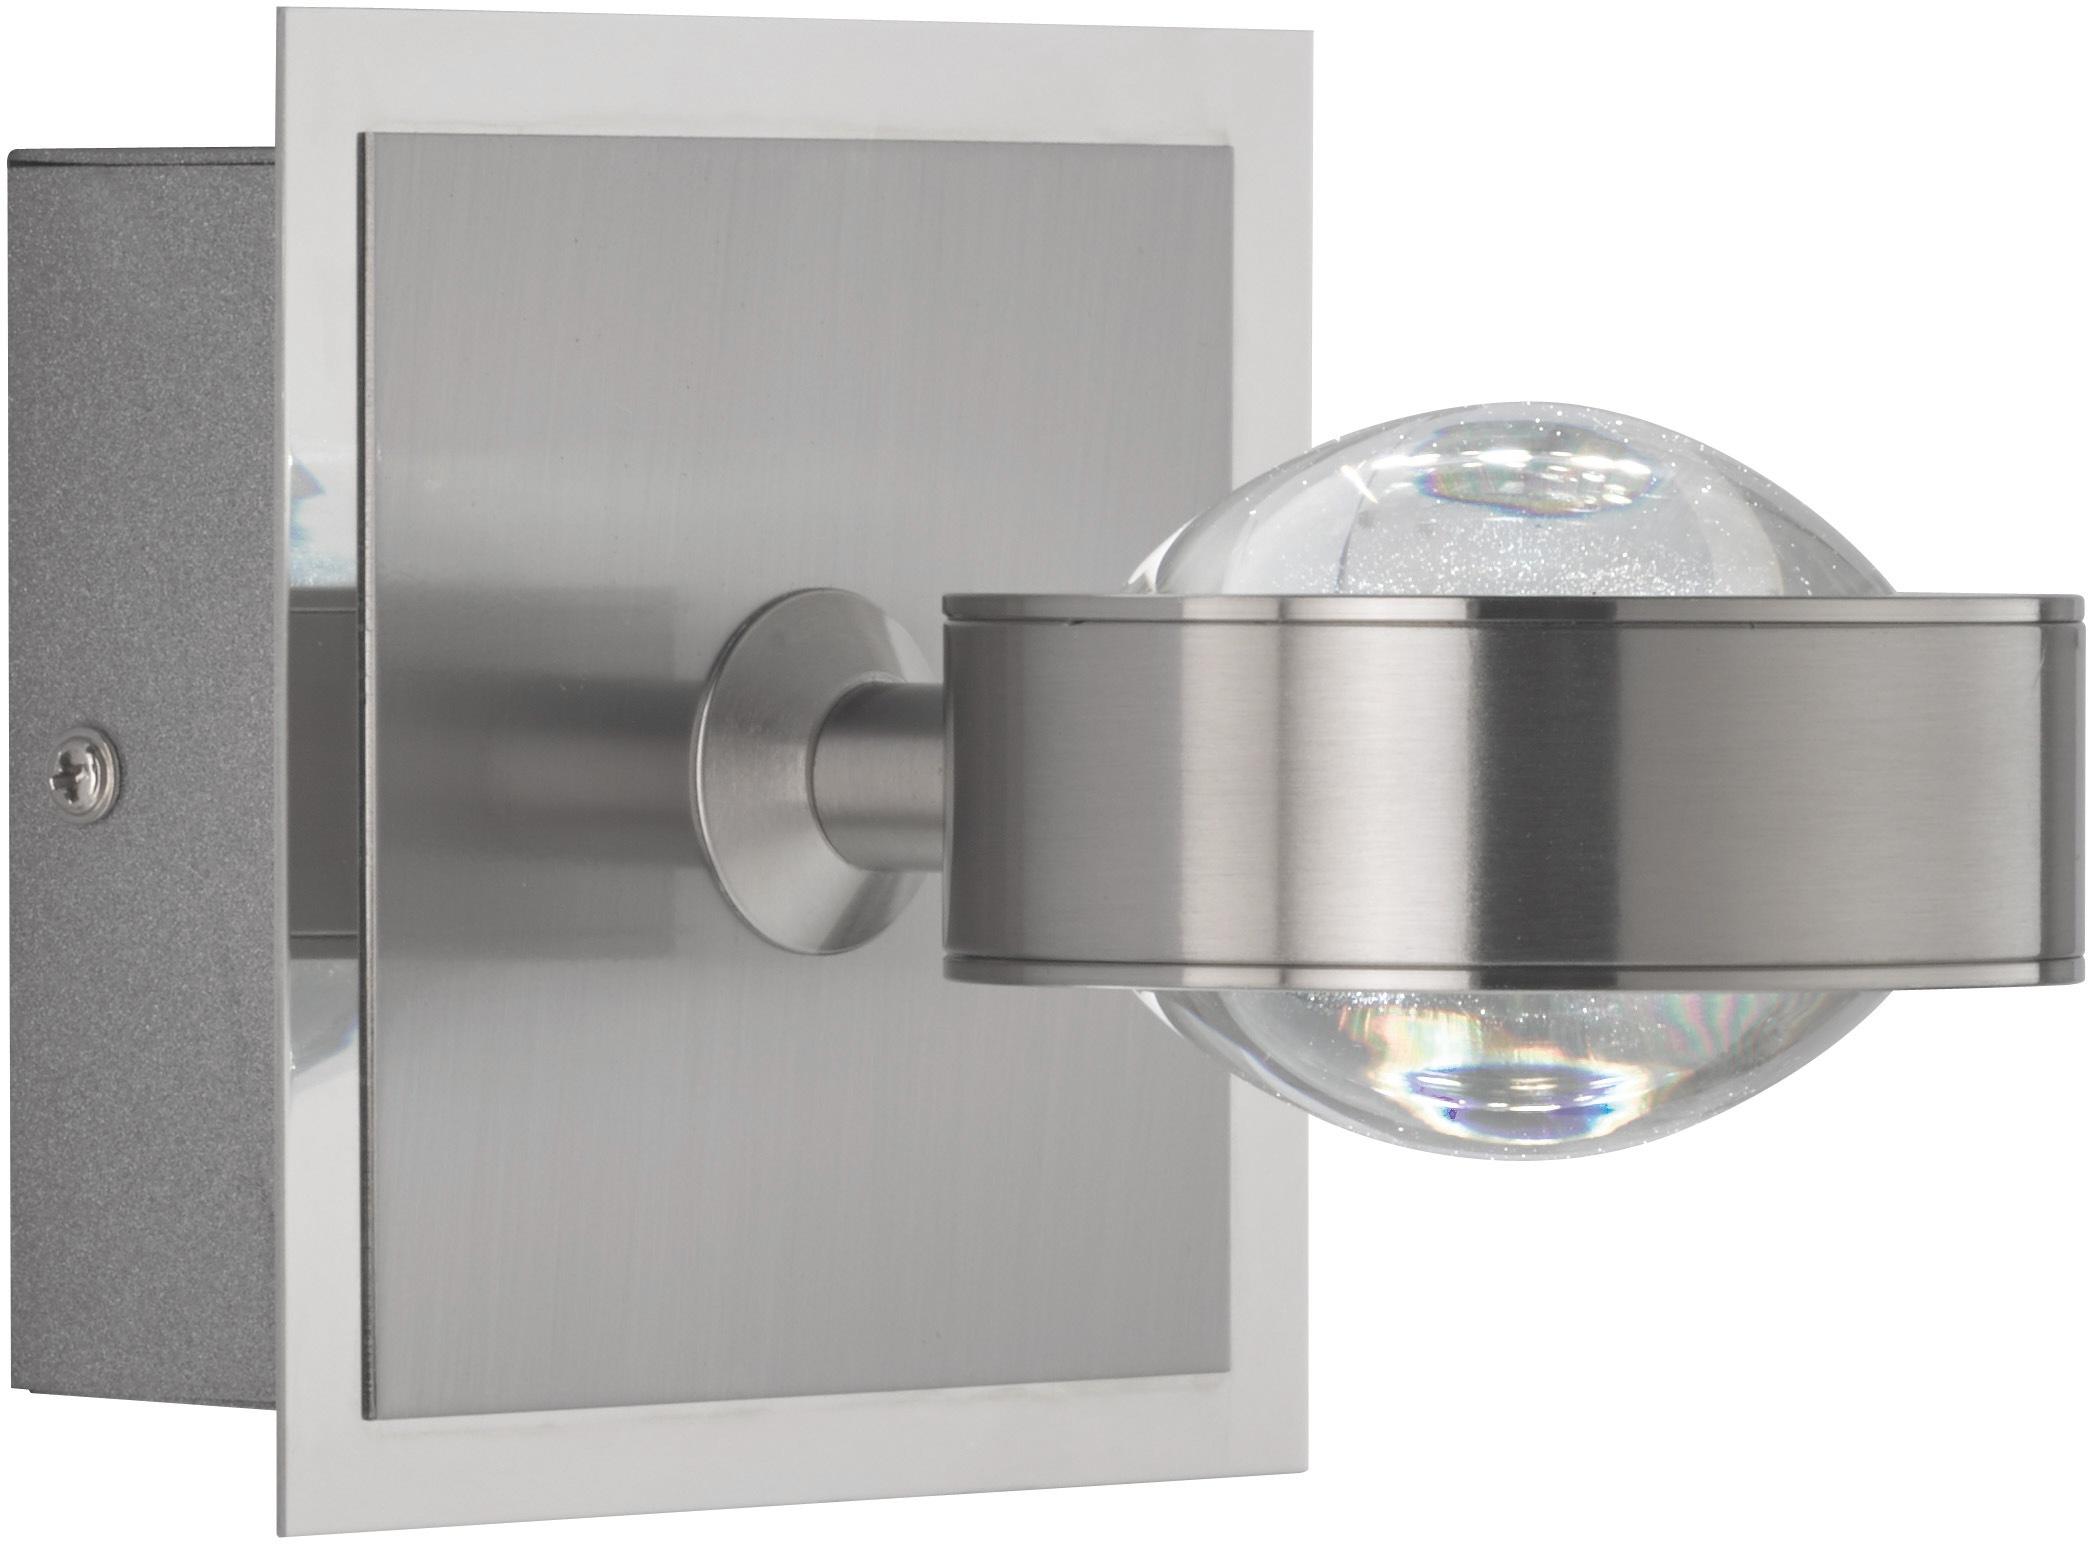 FISCHER & HONSEL LED Wandleuchte Z - Linse, LED-Modul, Warmweiß-Neutralweiß-Tageslichtweiß